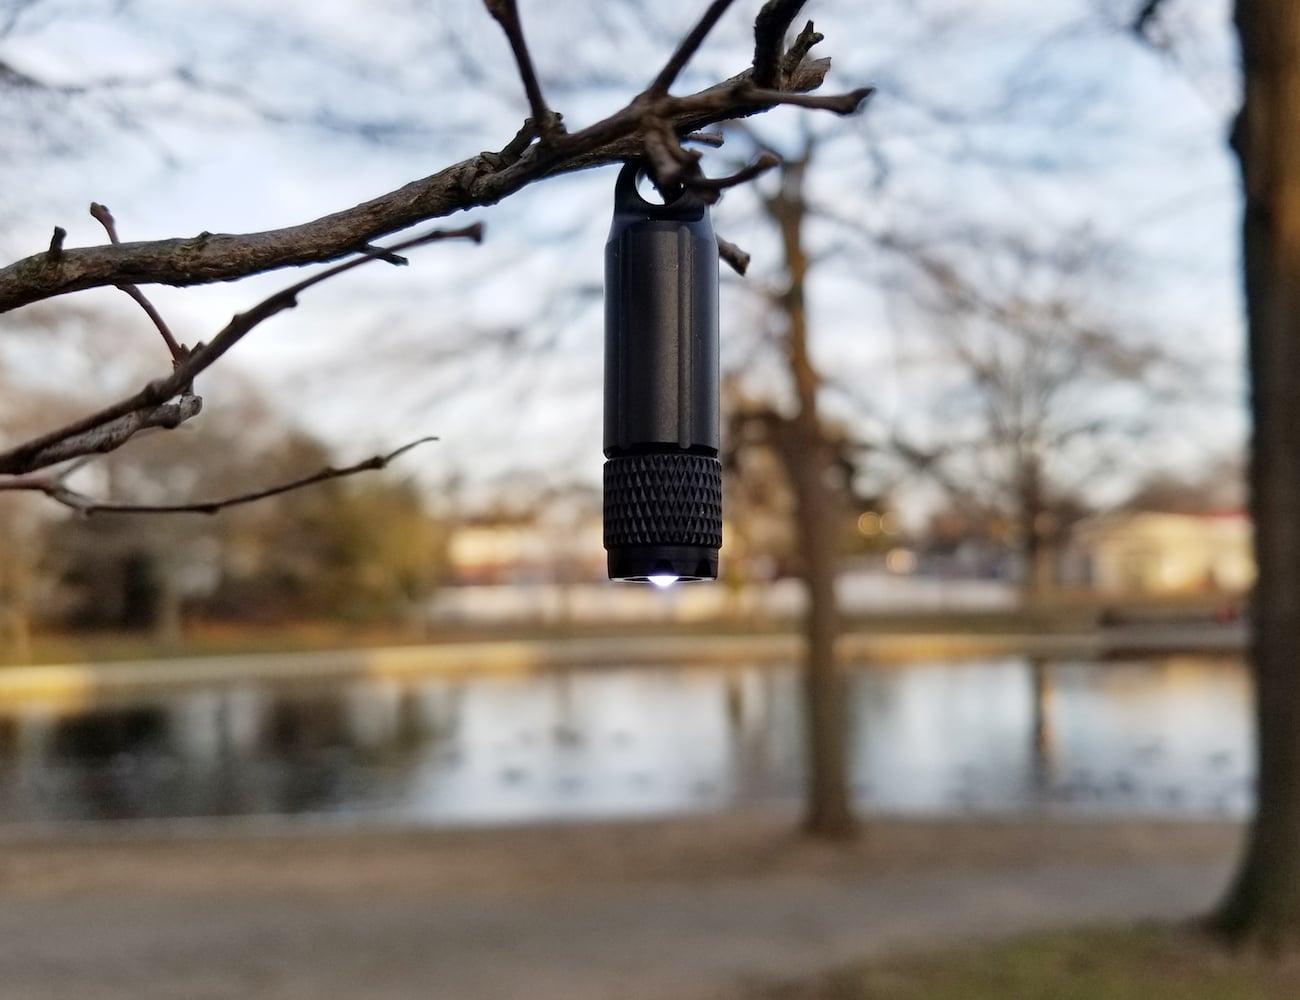 PocketLumen Keychain Flashlight